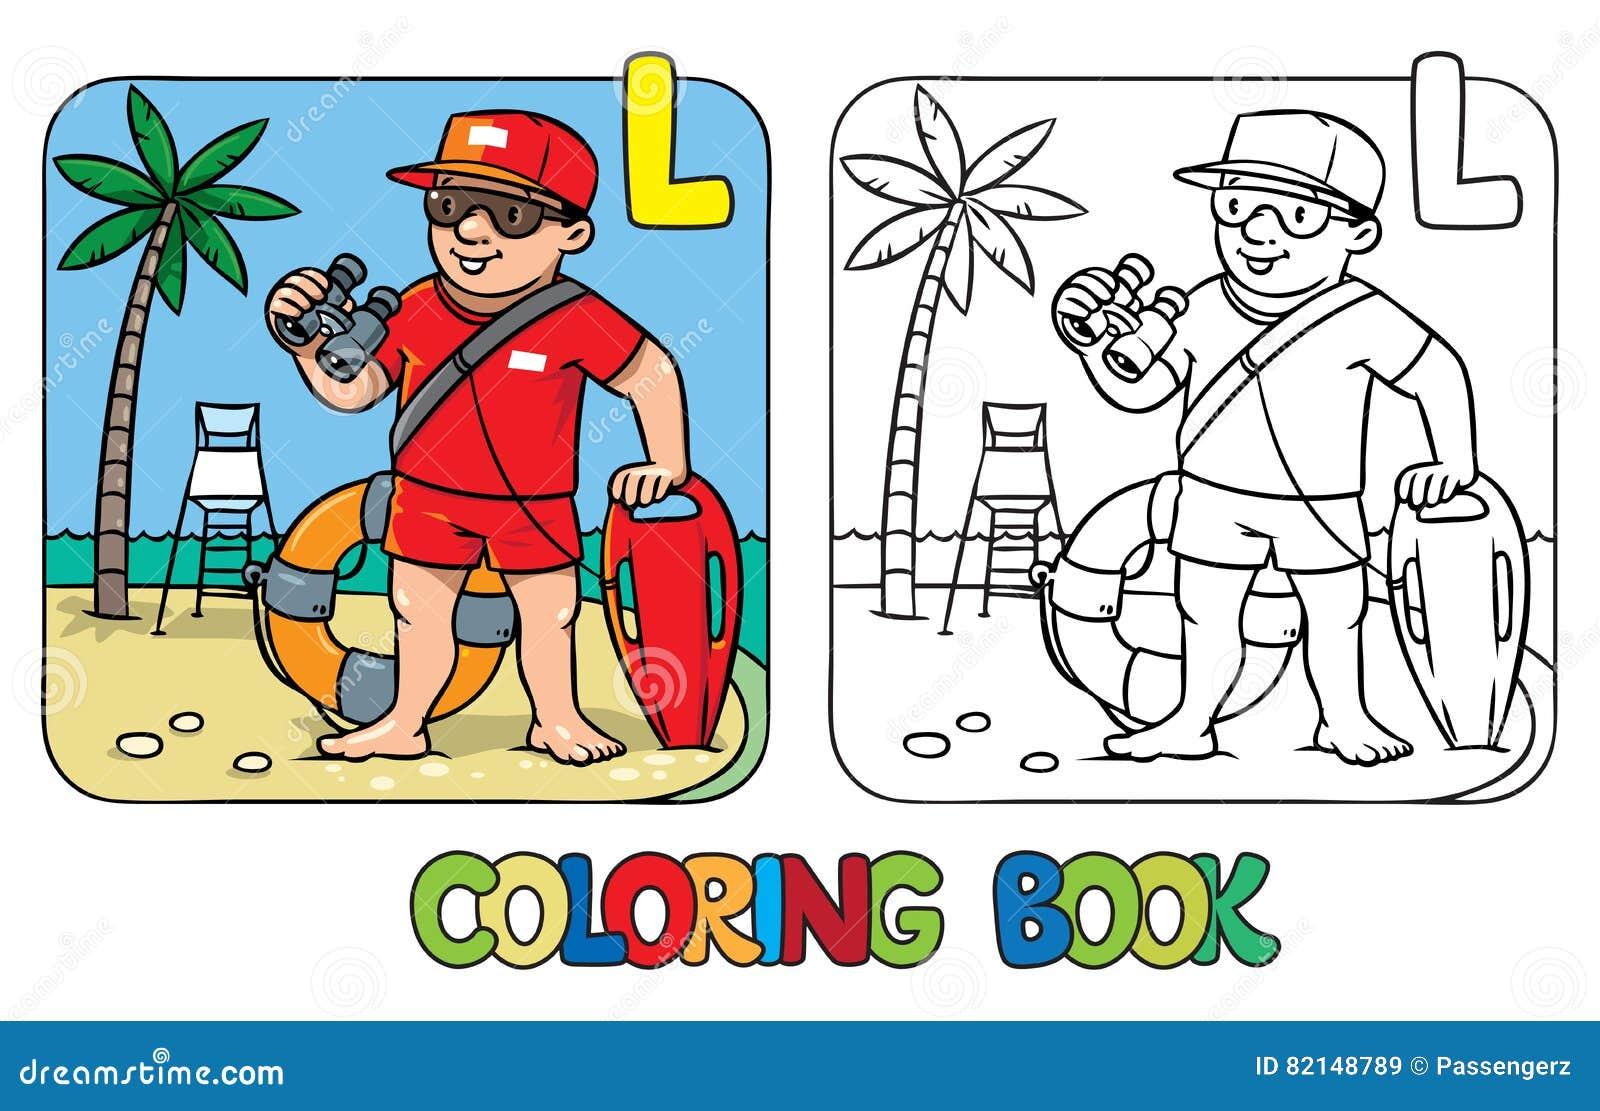 Libro De Colorear Del Salvavidas Alfabeto L Profesión ABC ...